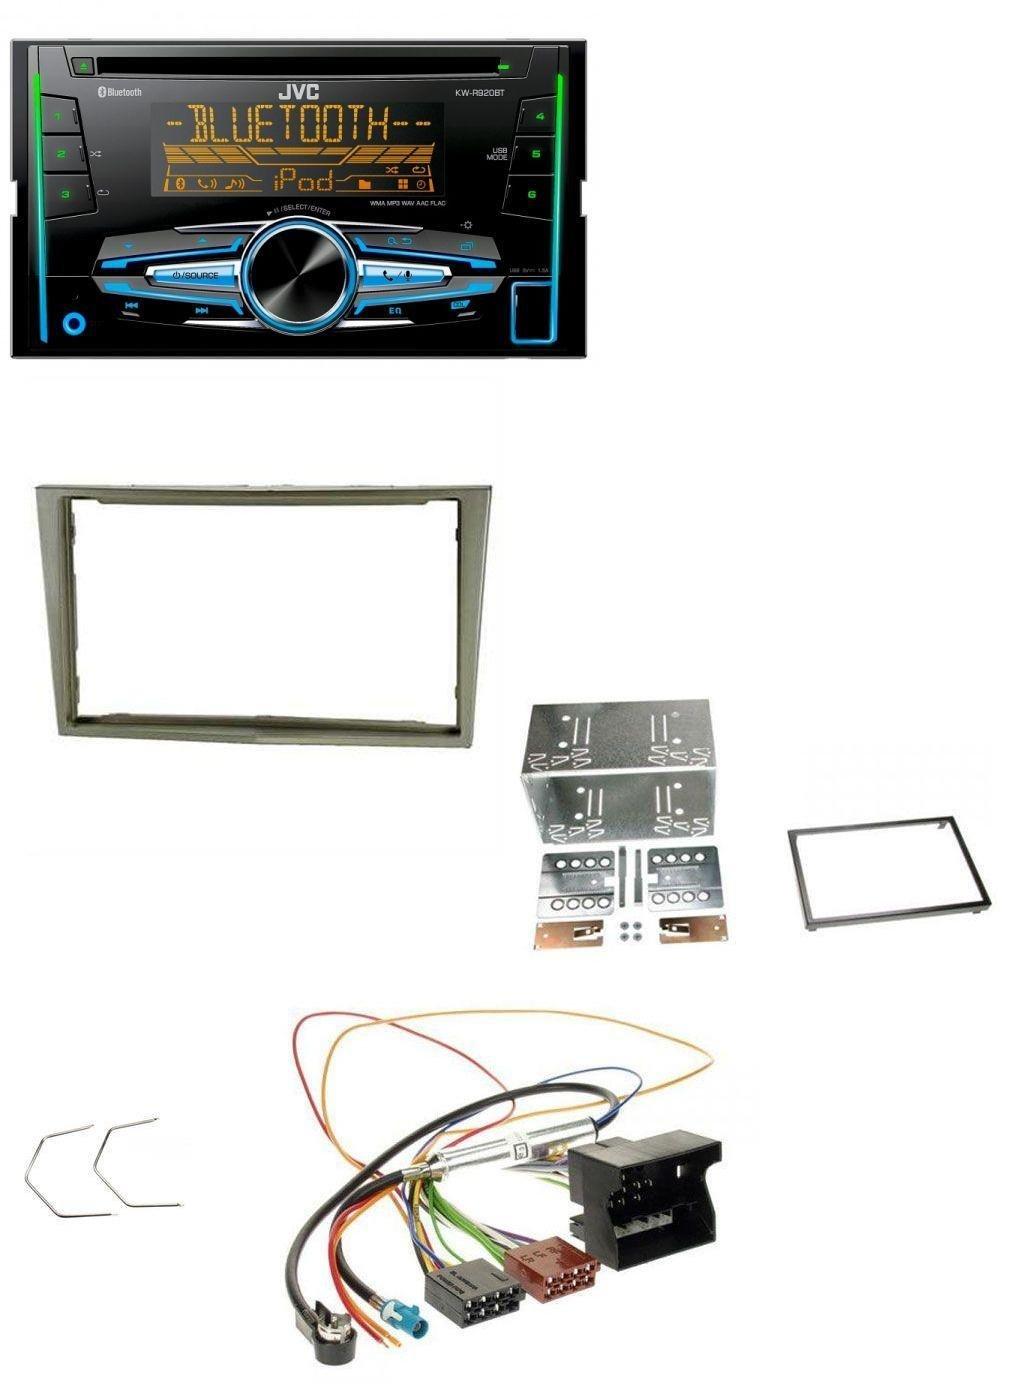 caraudio24 JVC KW-R920BT Bluetooth 2DIN Aux CD MP3 USB Autoradio fü r Opel Corsa D Astra H Zafira B Satin-Stone